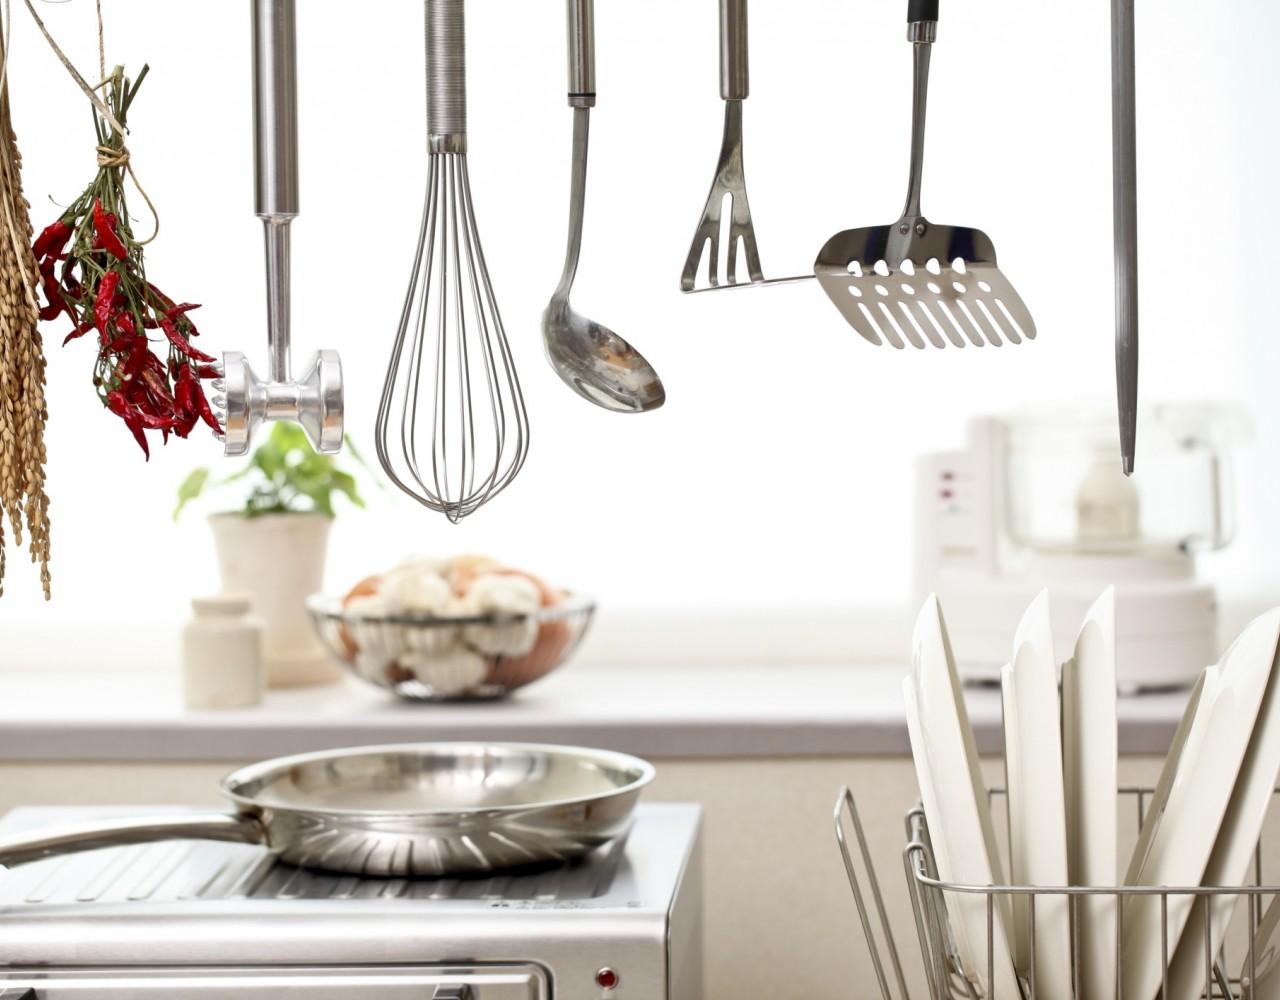 Magasin de vente des quipements cuisine professionnel chr for Boutique materiel de cuisine